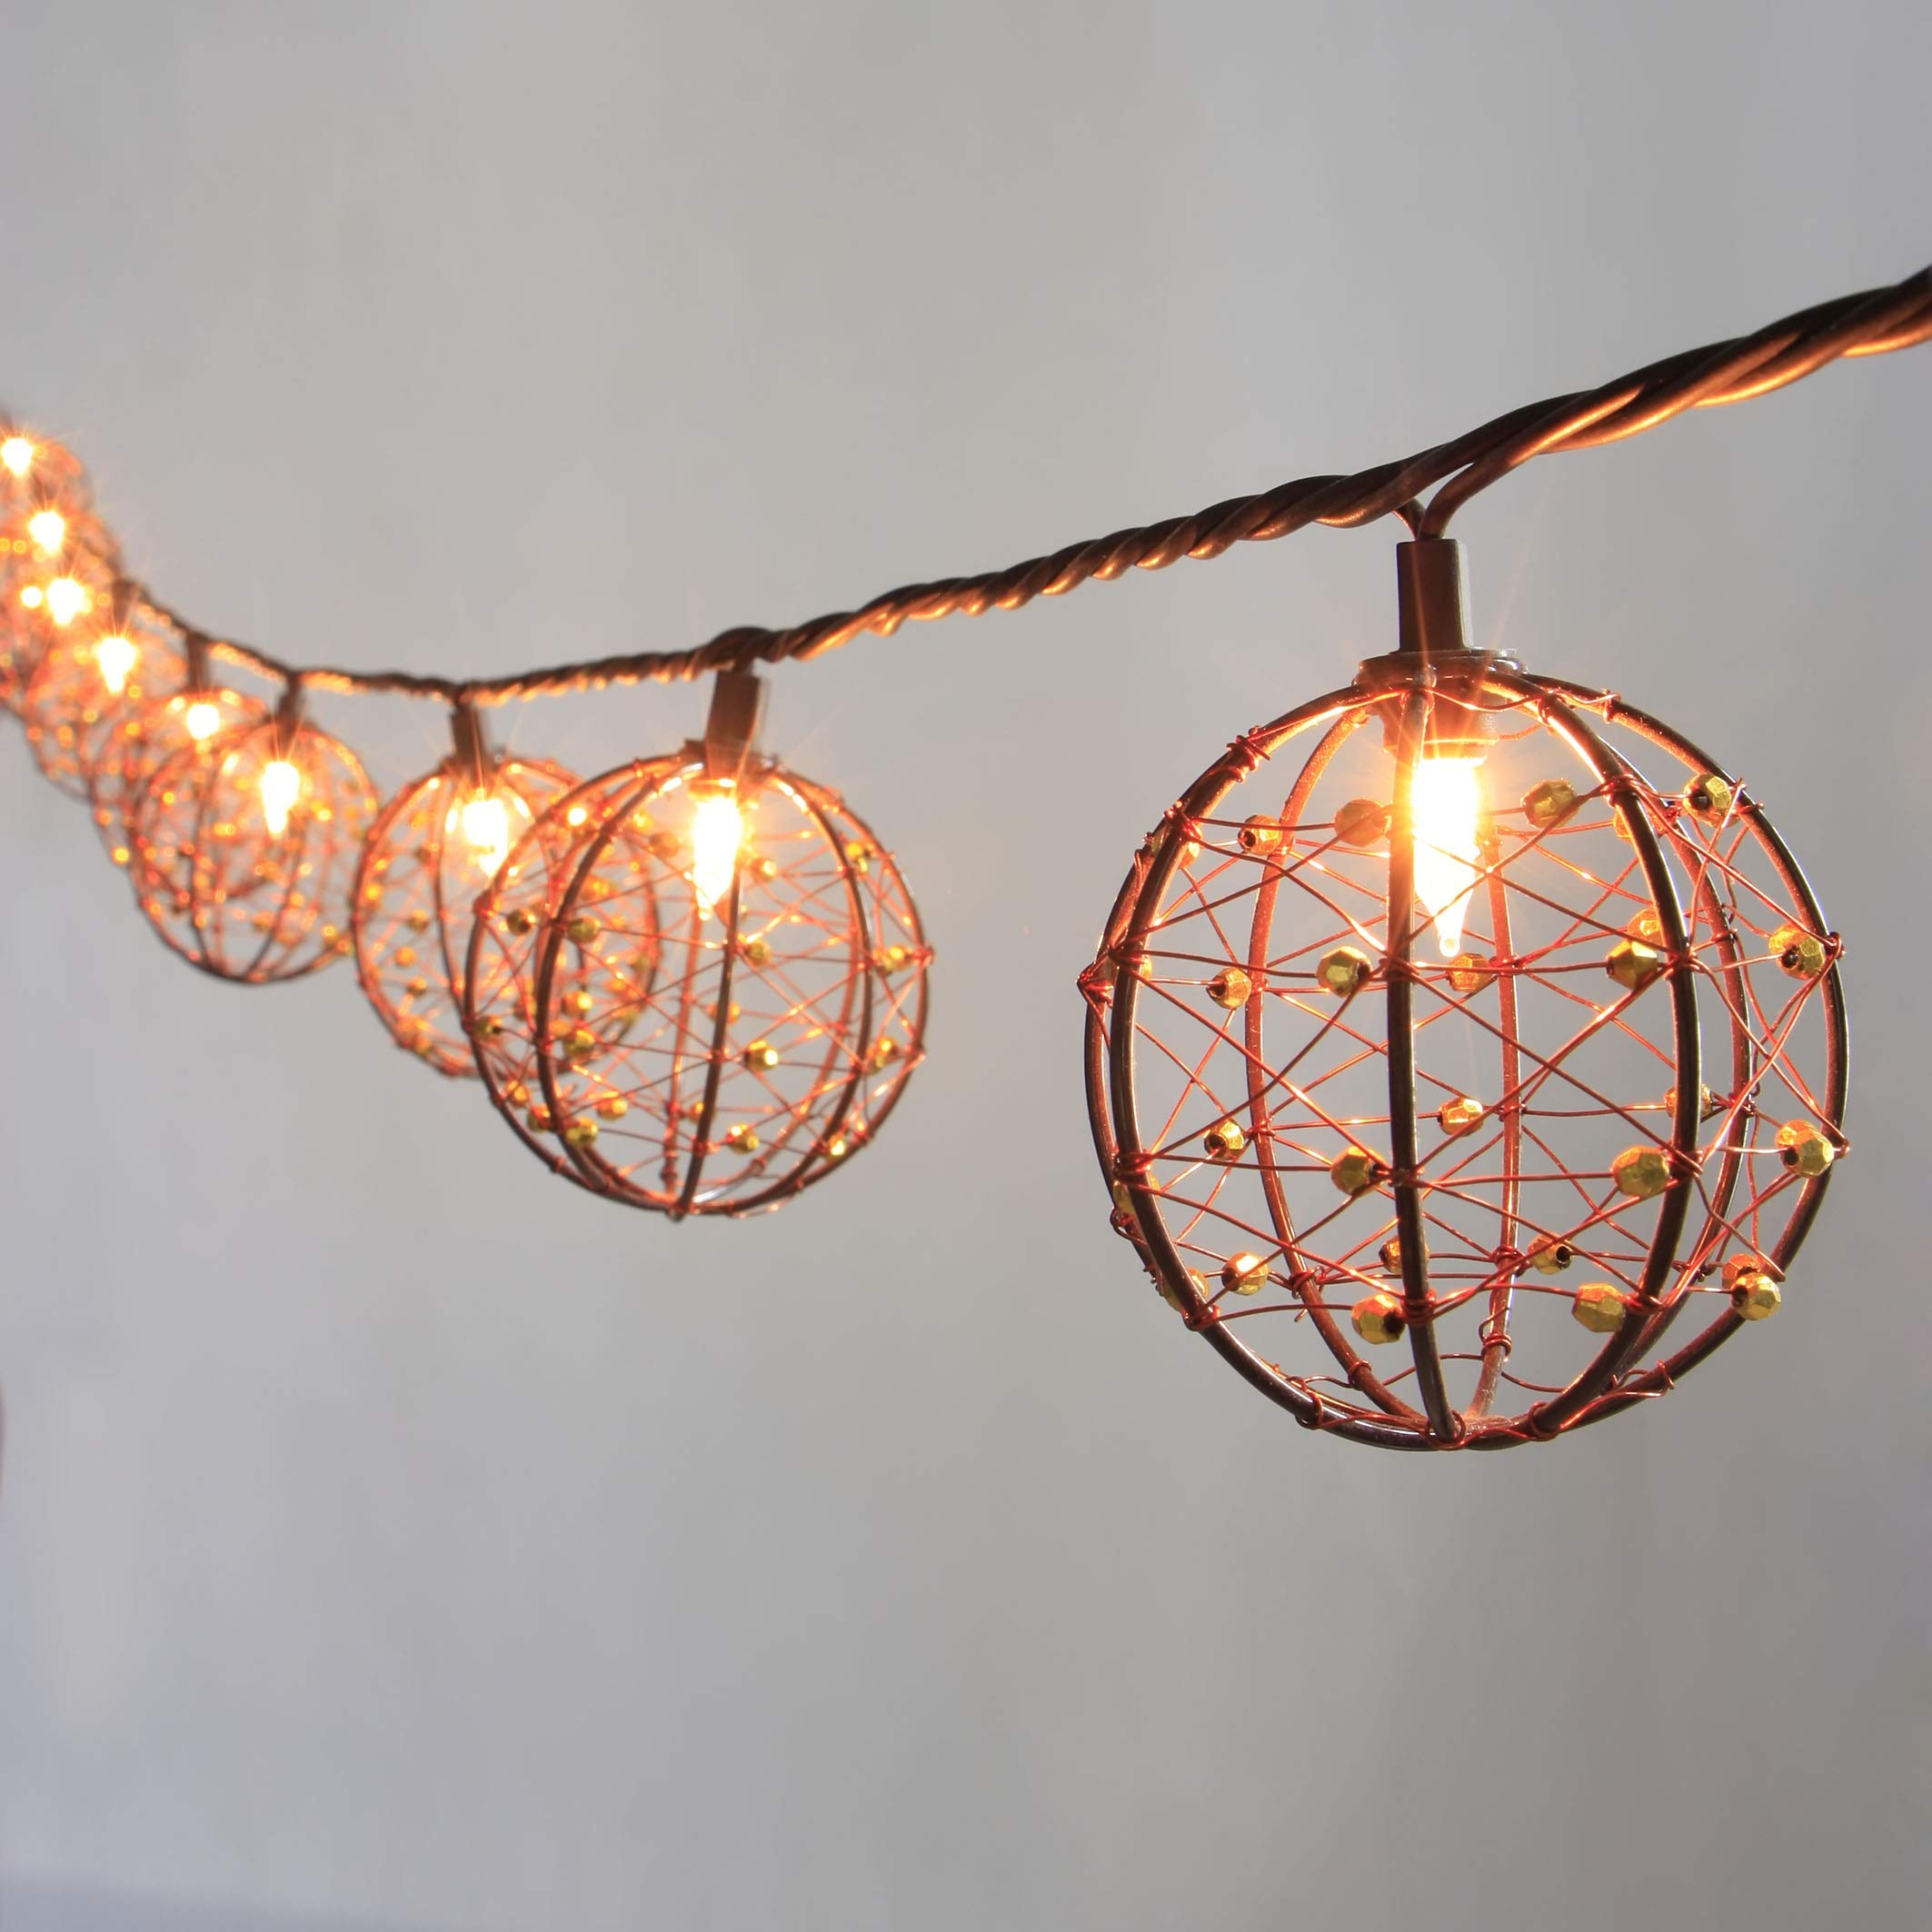 ZHONGXIN Outdoor Patio String Lights